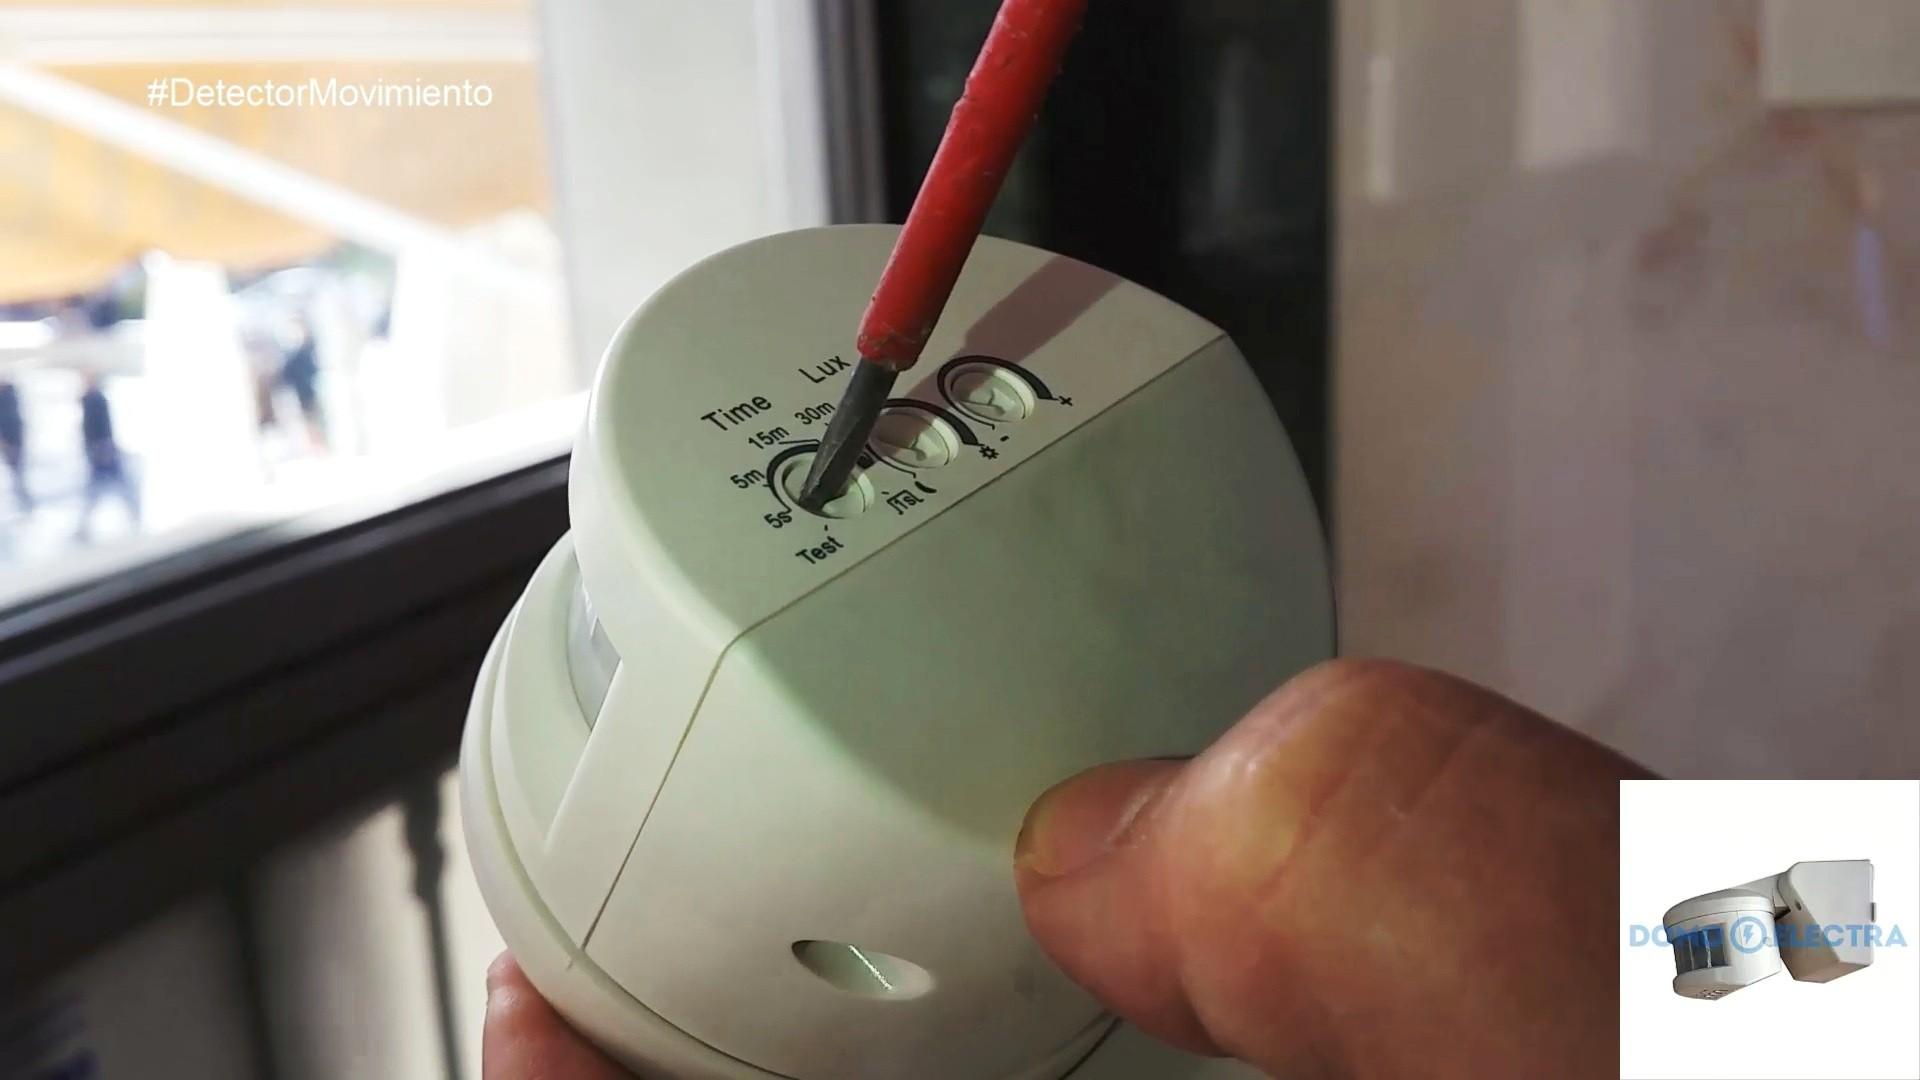 C mo instalar detector de movimiento domo electra - Detector de movimiento ...